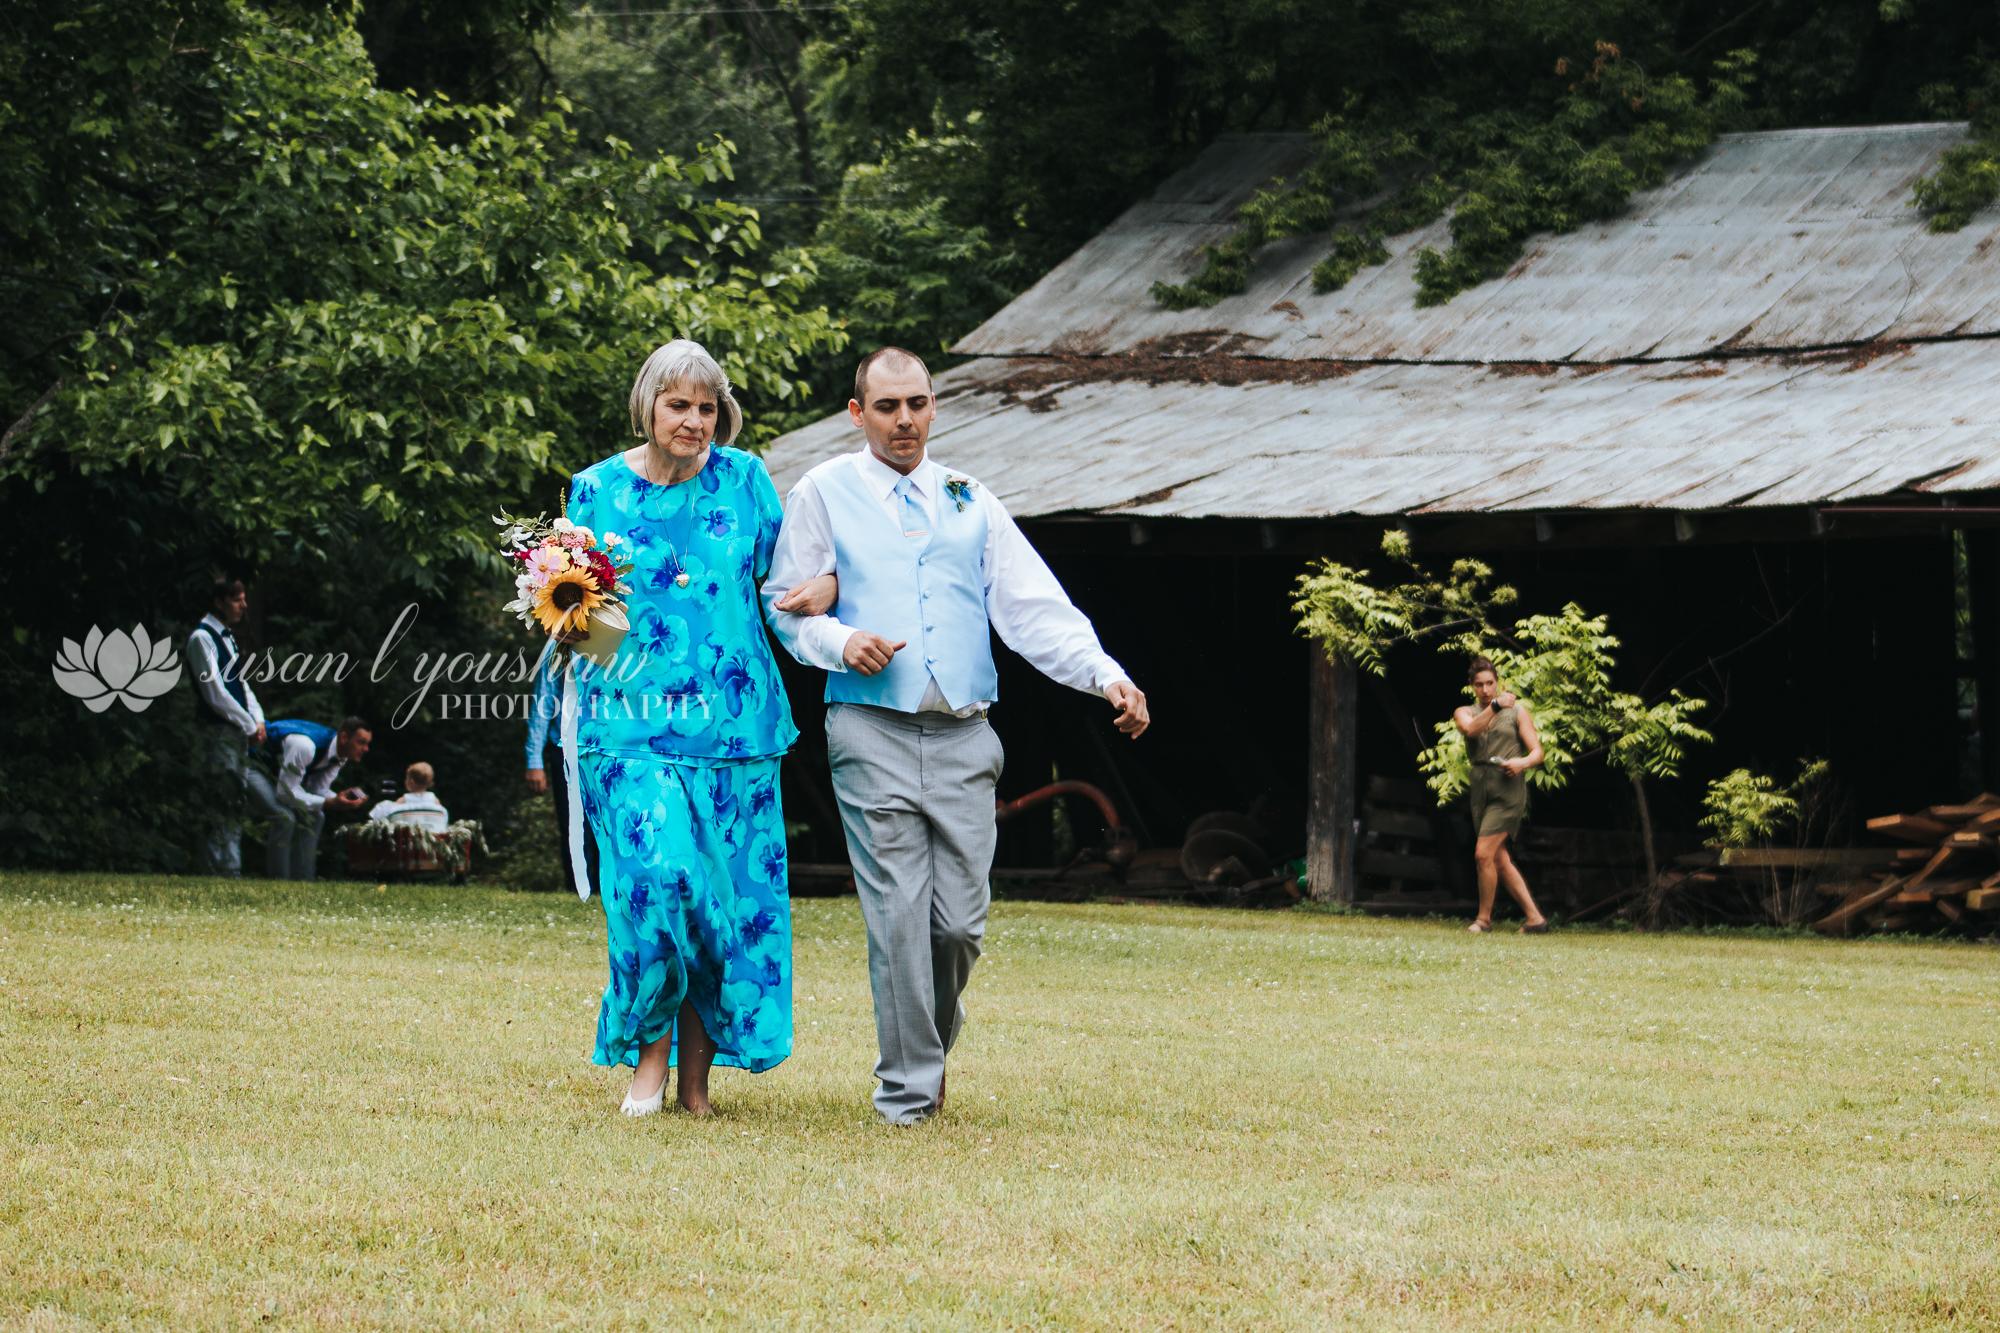 Erin and Jason Wedding Photos 07-06-2019 SLY Photography-33.jpg